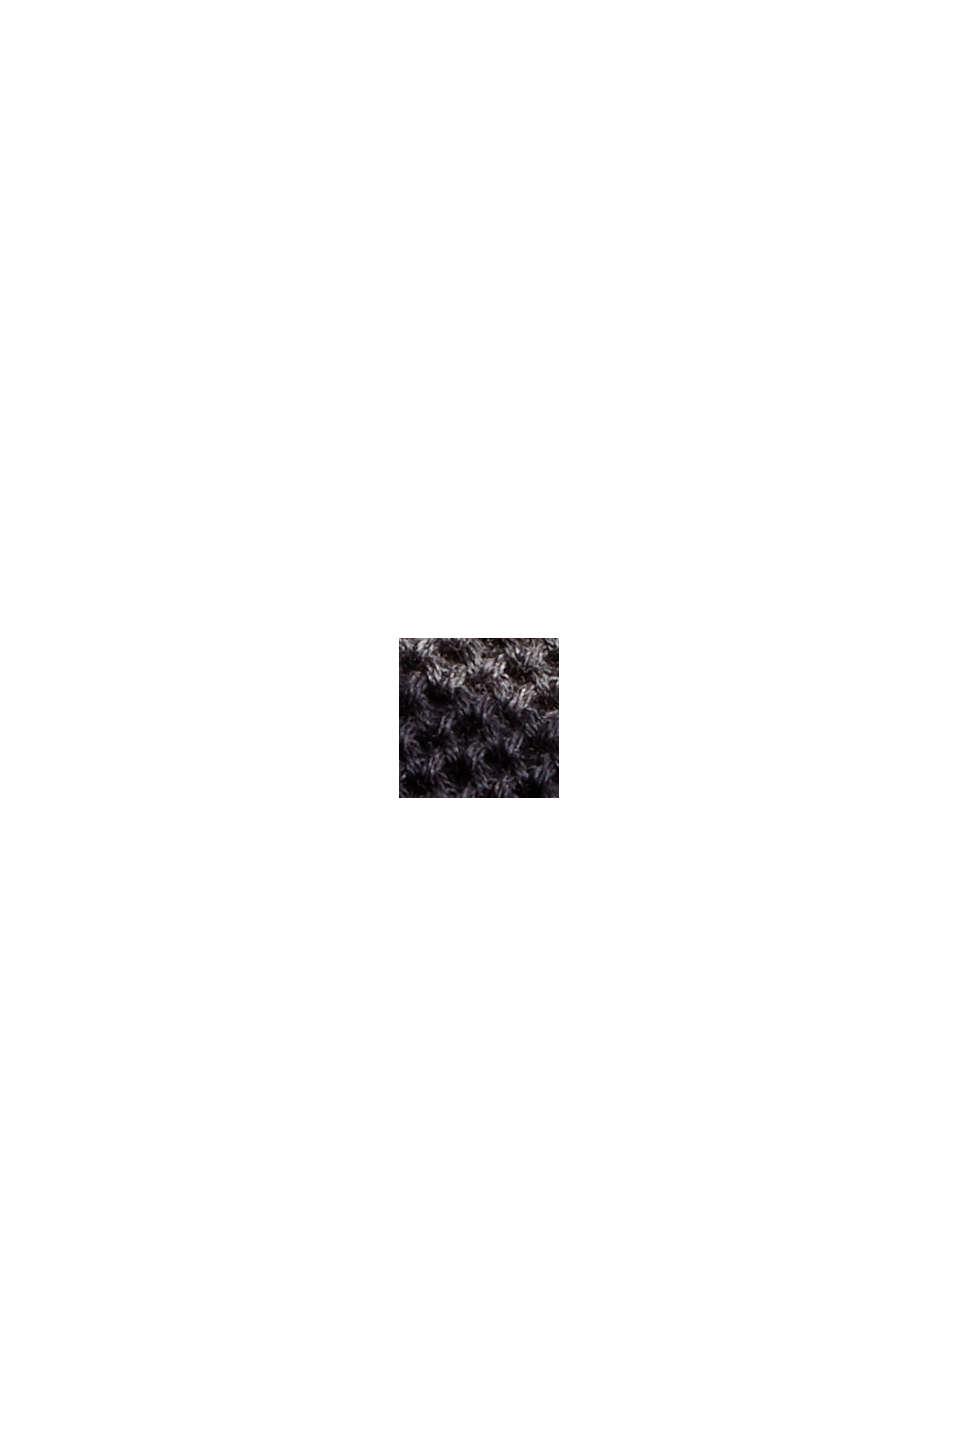 Pull-over texturé, 100% coton biologique, BLACK, swatch